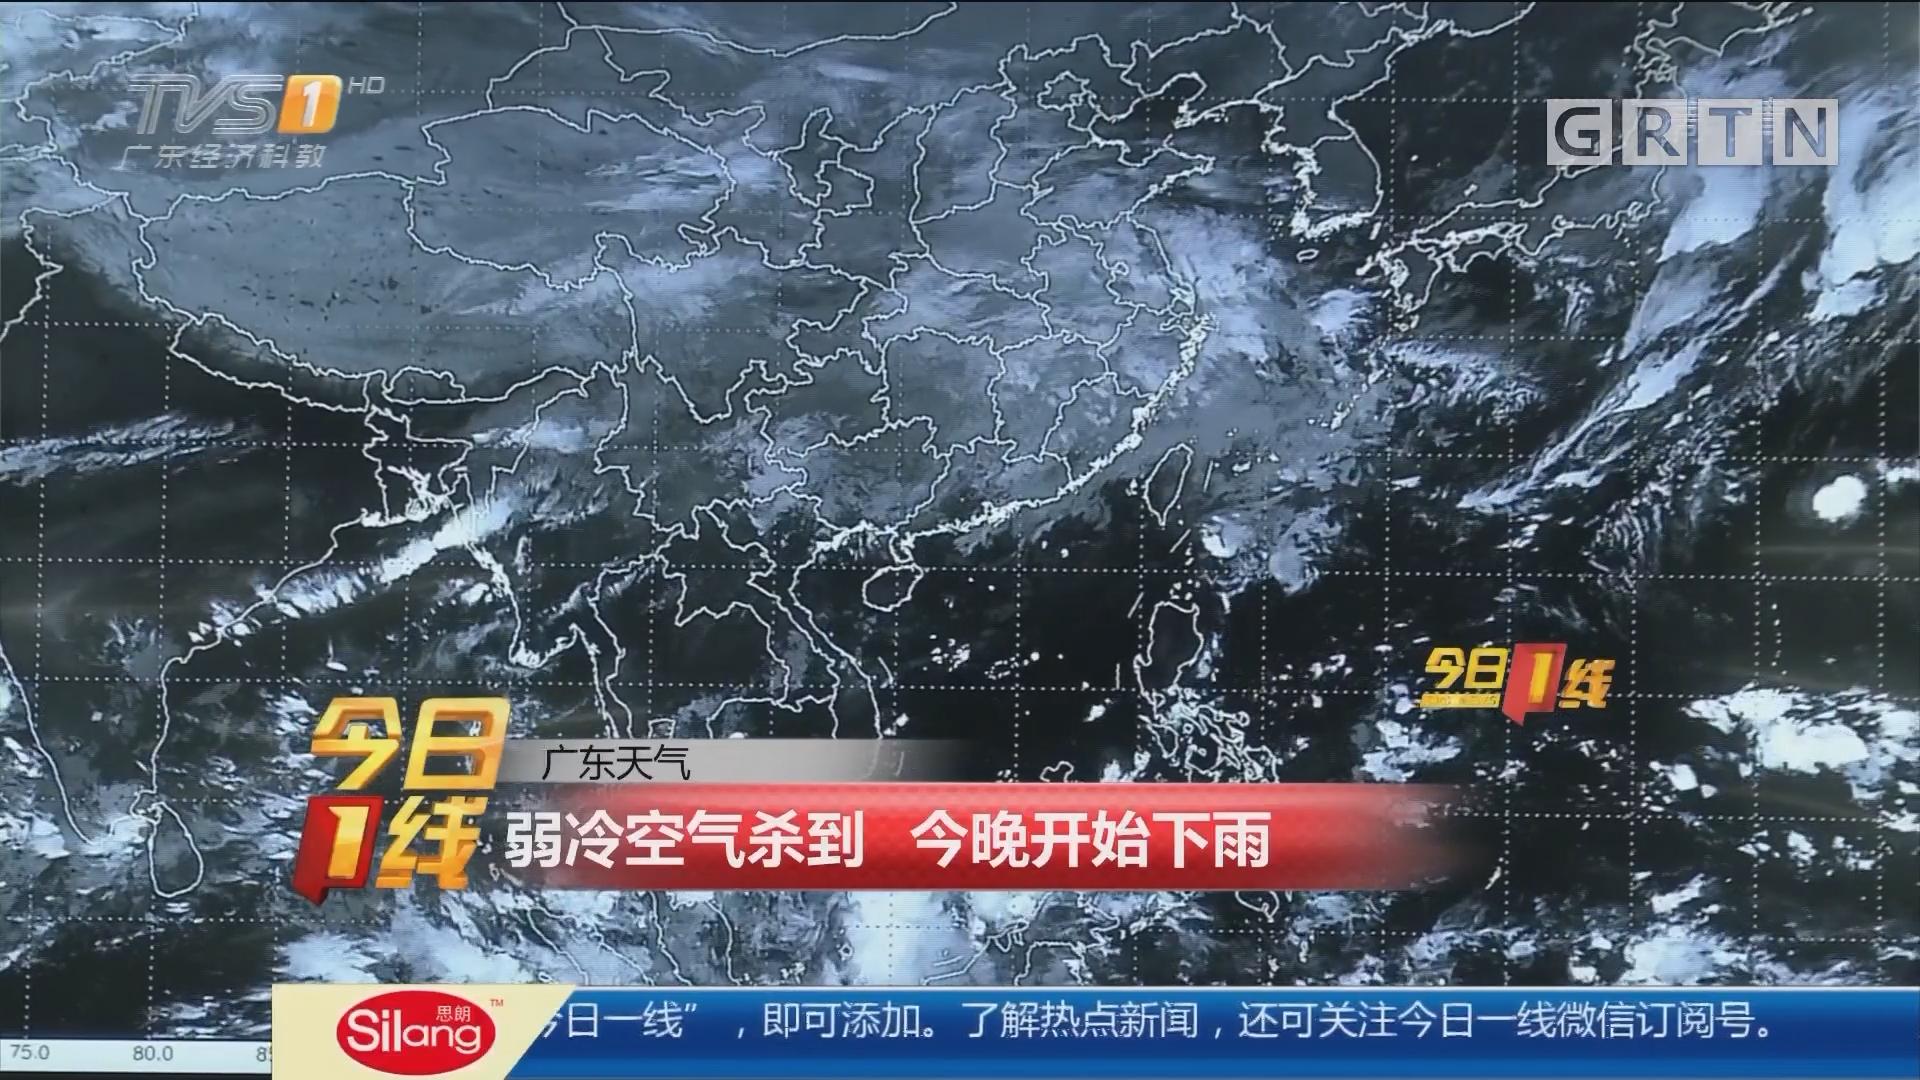 广东天气:弱冷空气杀到 今晚开始下雨